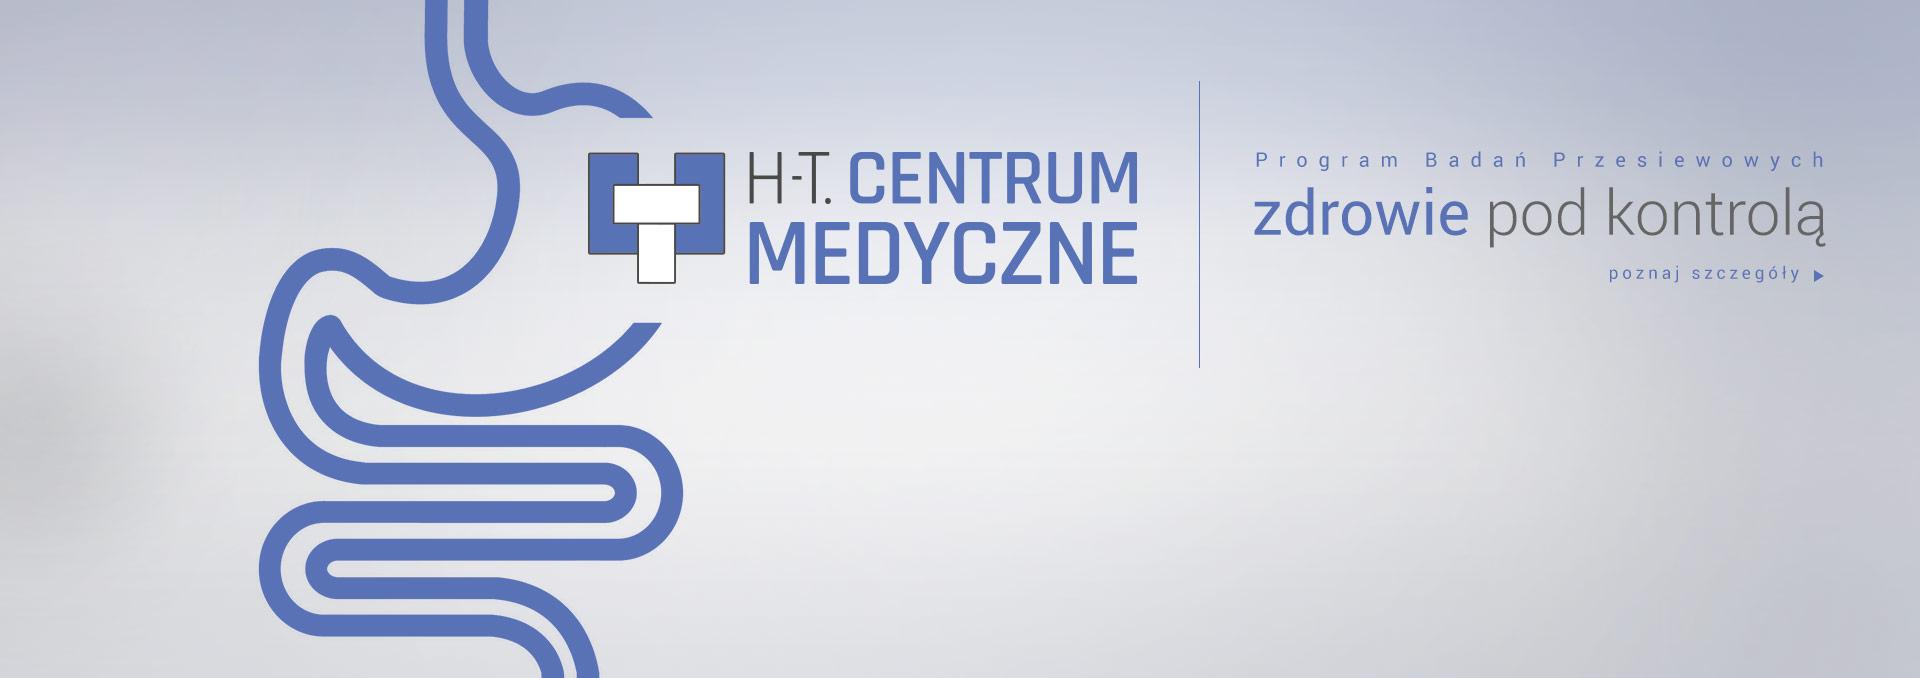 ht centrum ilustracja zdrowie 2 - HTC